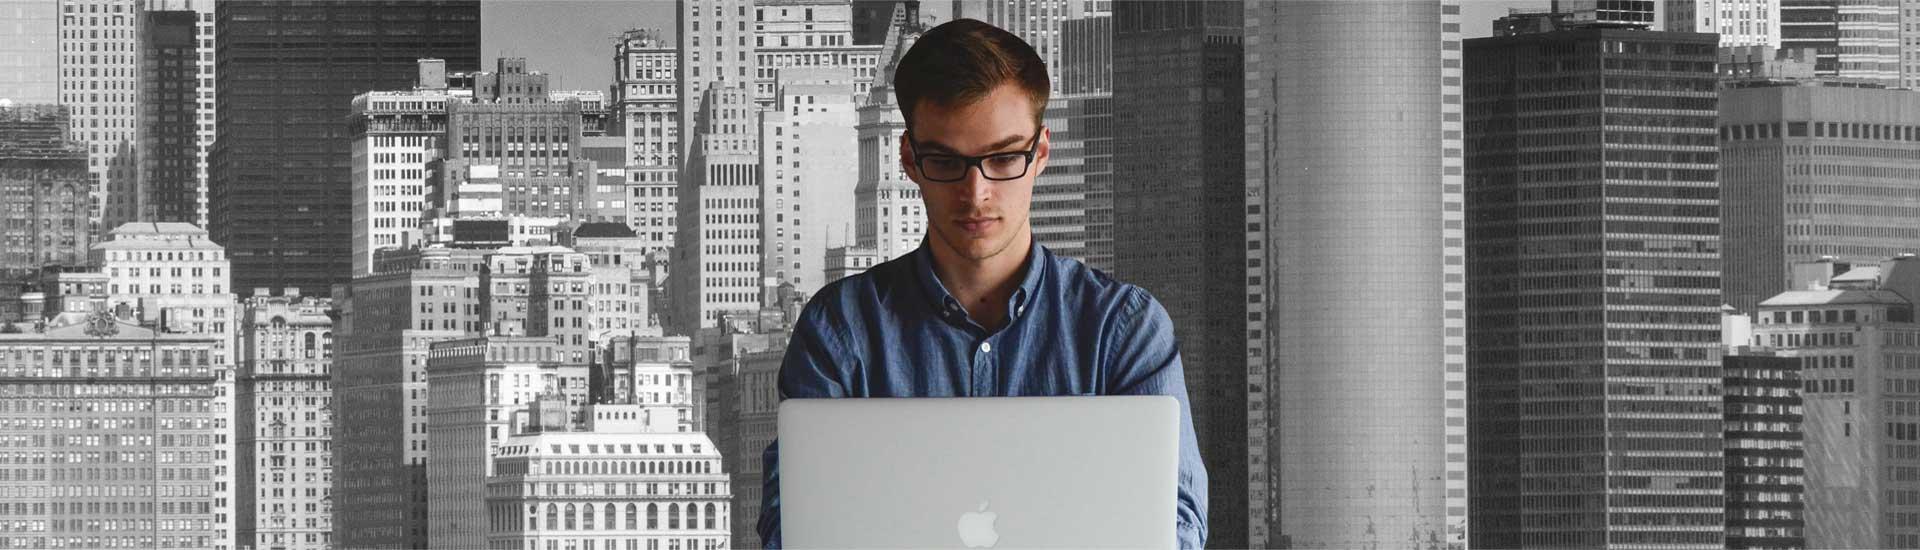 Online Werbung zunehmend wichtiger - Beitragsbild Banner